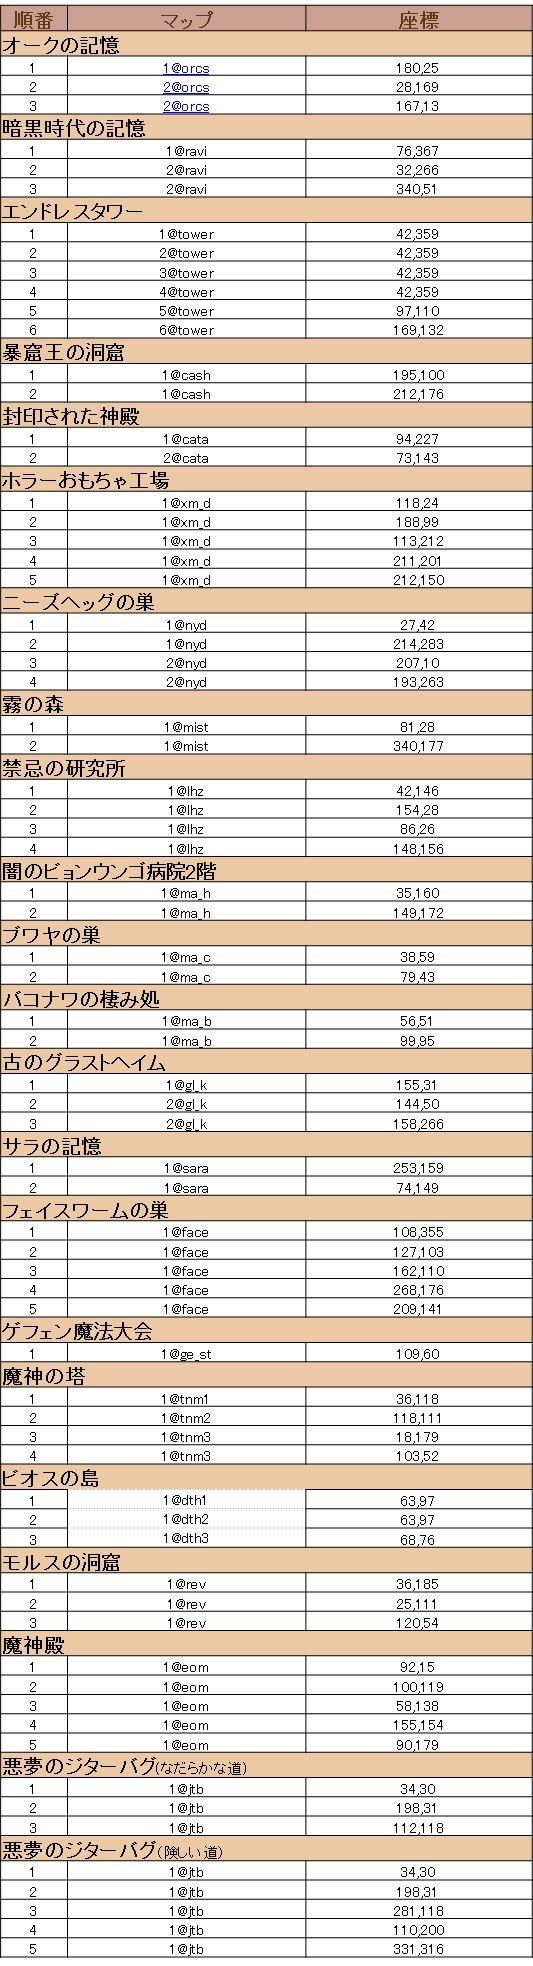 幻燈鬼の配置場所.jpg